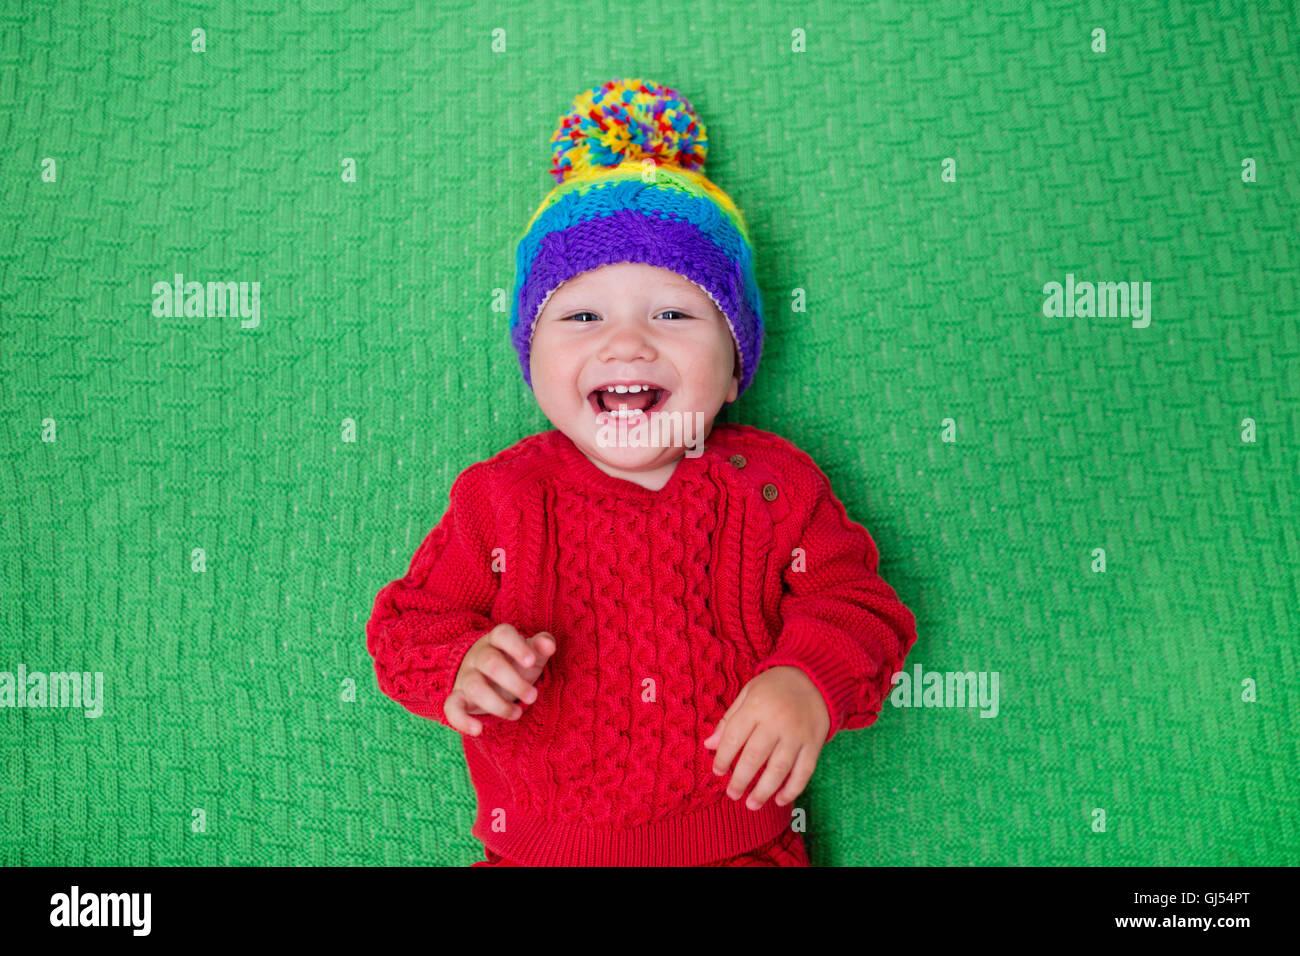 Carino baby in calda lana berretto lavorato a maglia su una coperta di  rosso. Autunno e Inverno di abbigliamento per bambini piccoli. Maglieria colorata  per ... b727cc462760